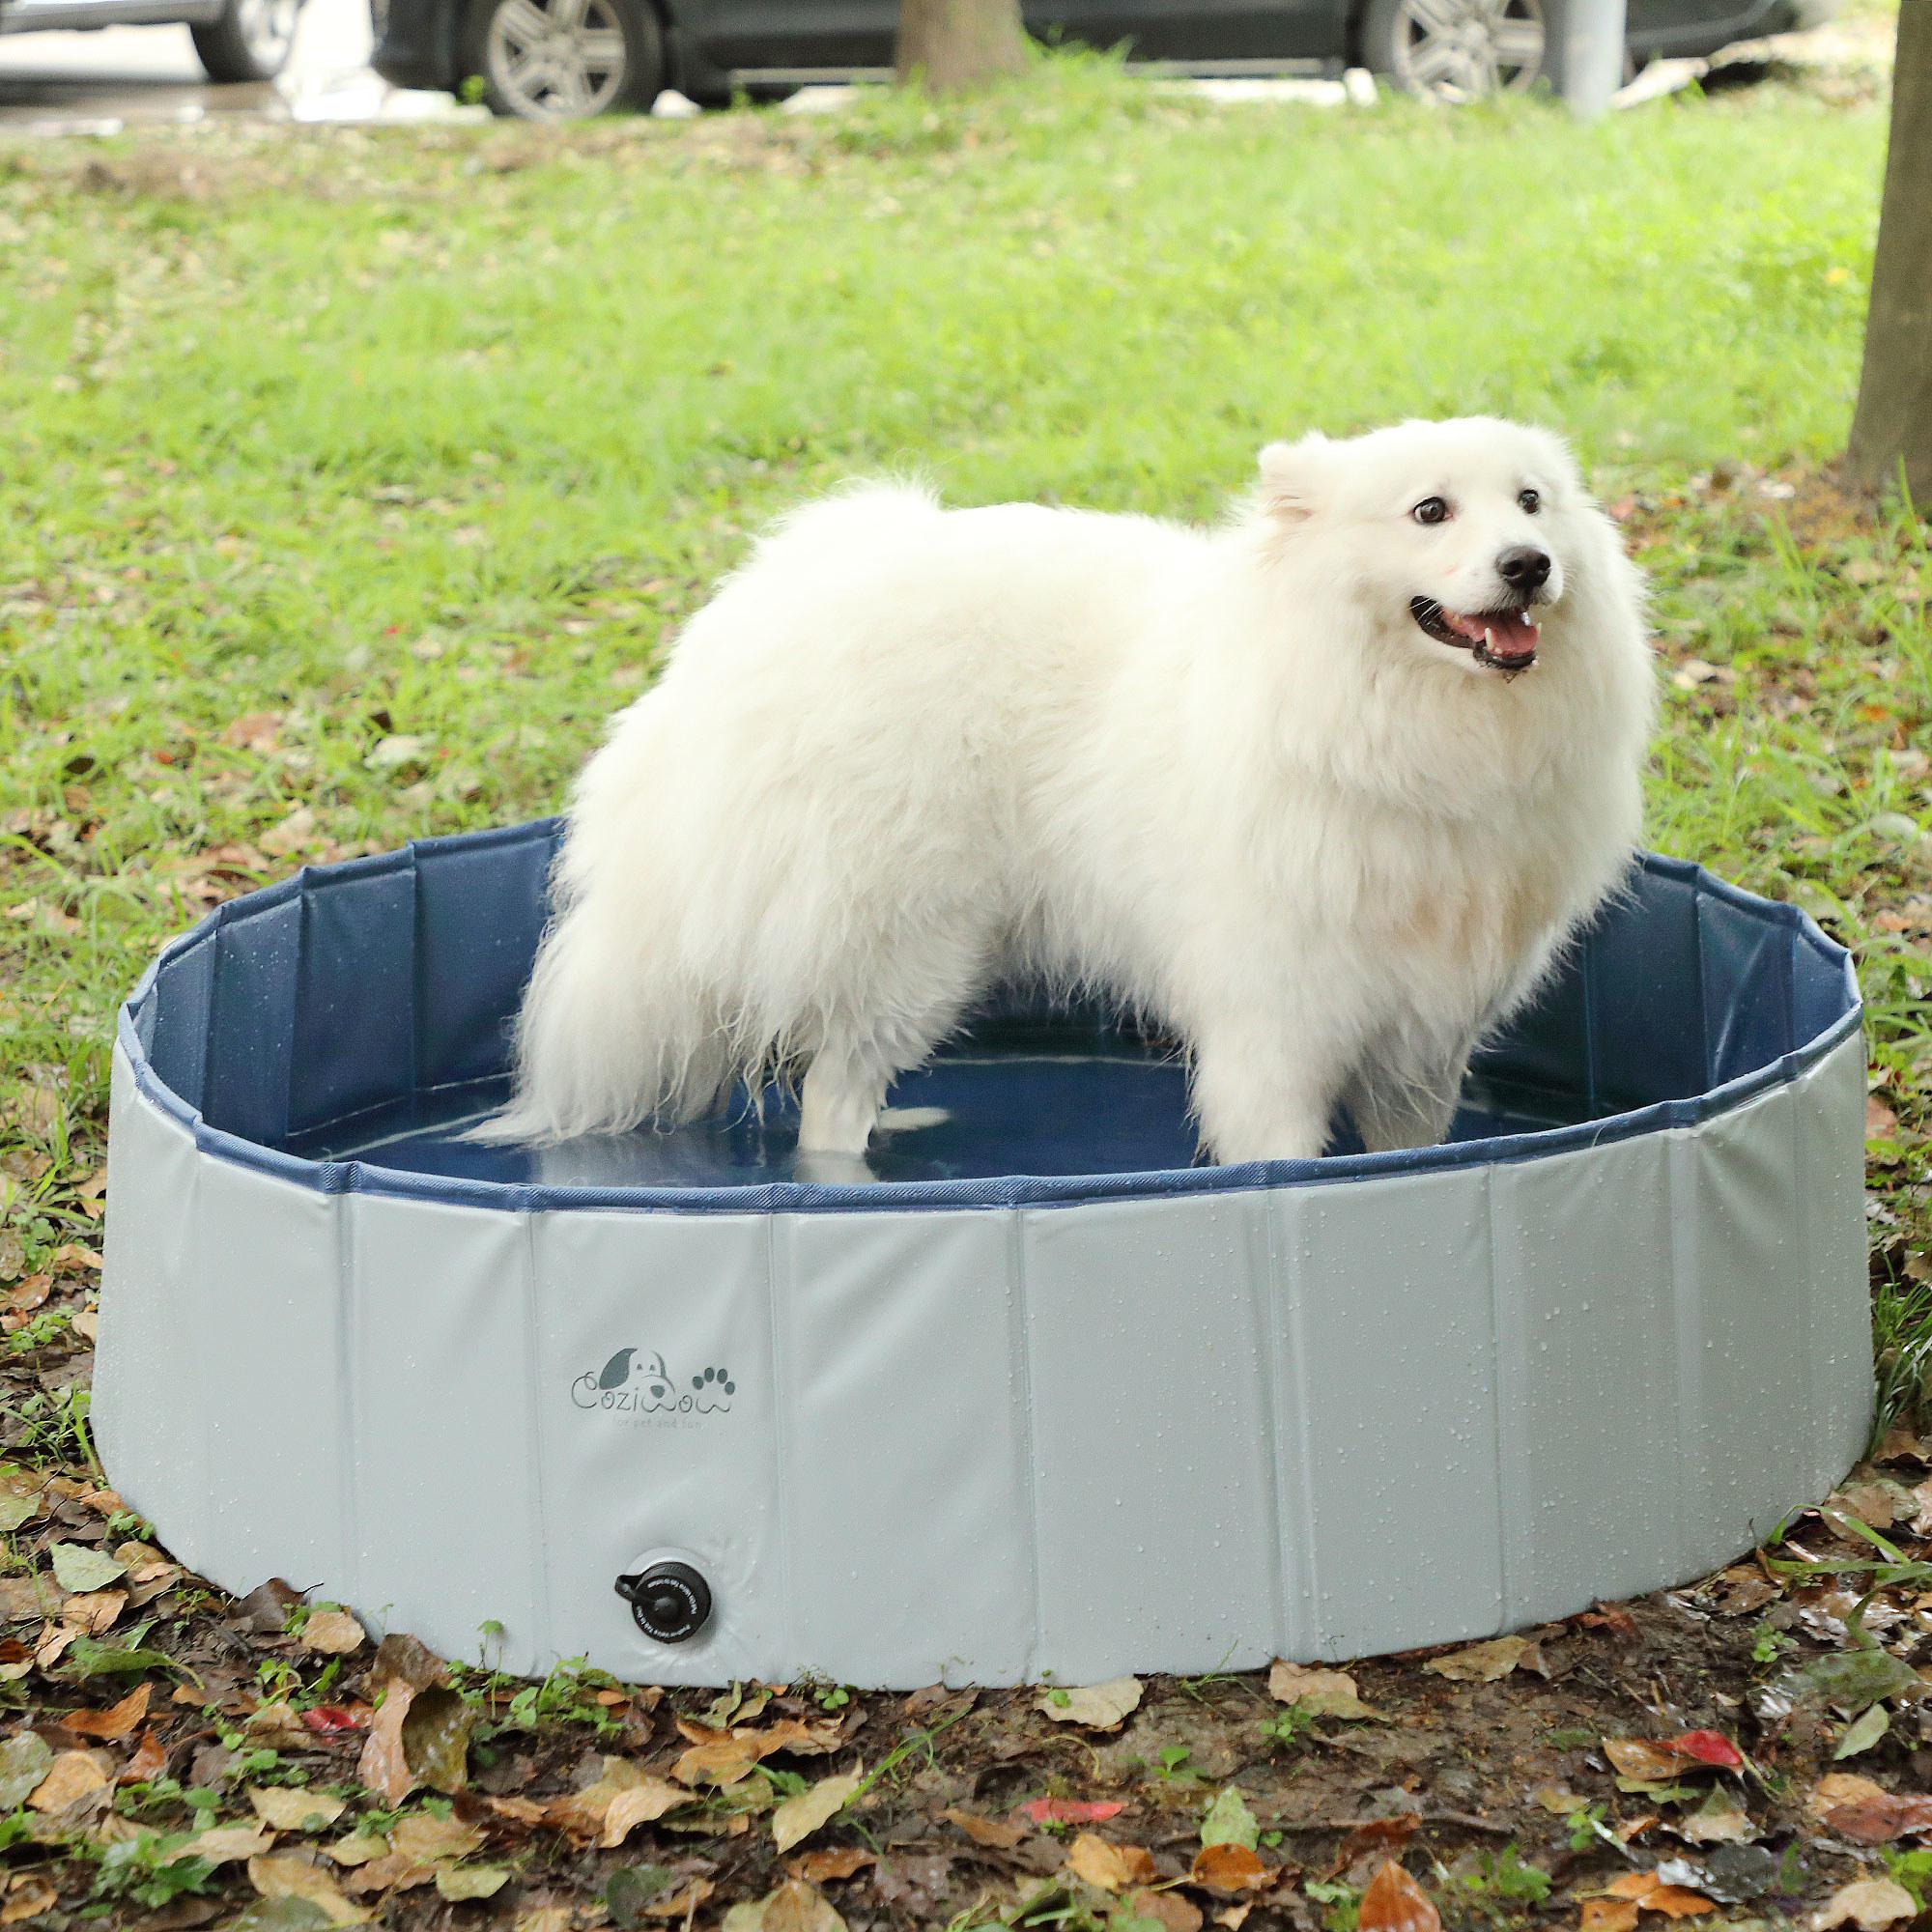 Dog in medium-sized splash pool